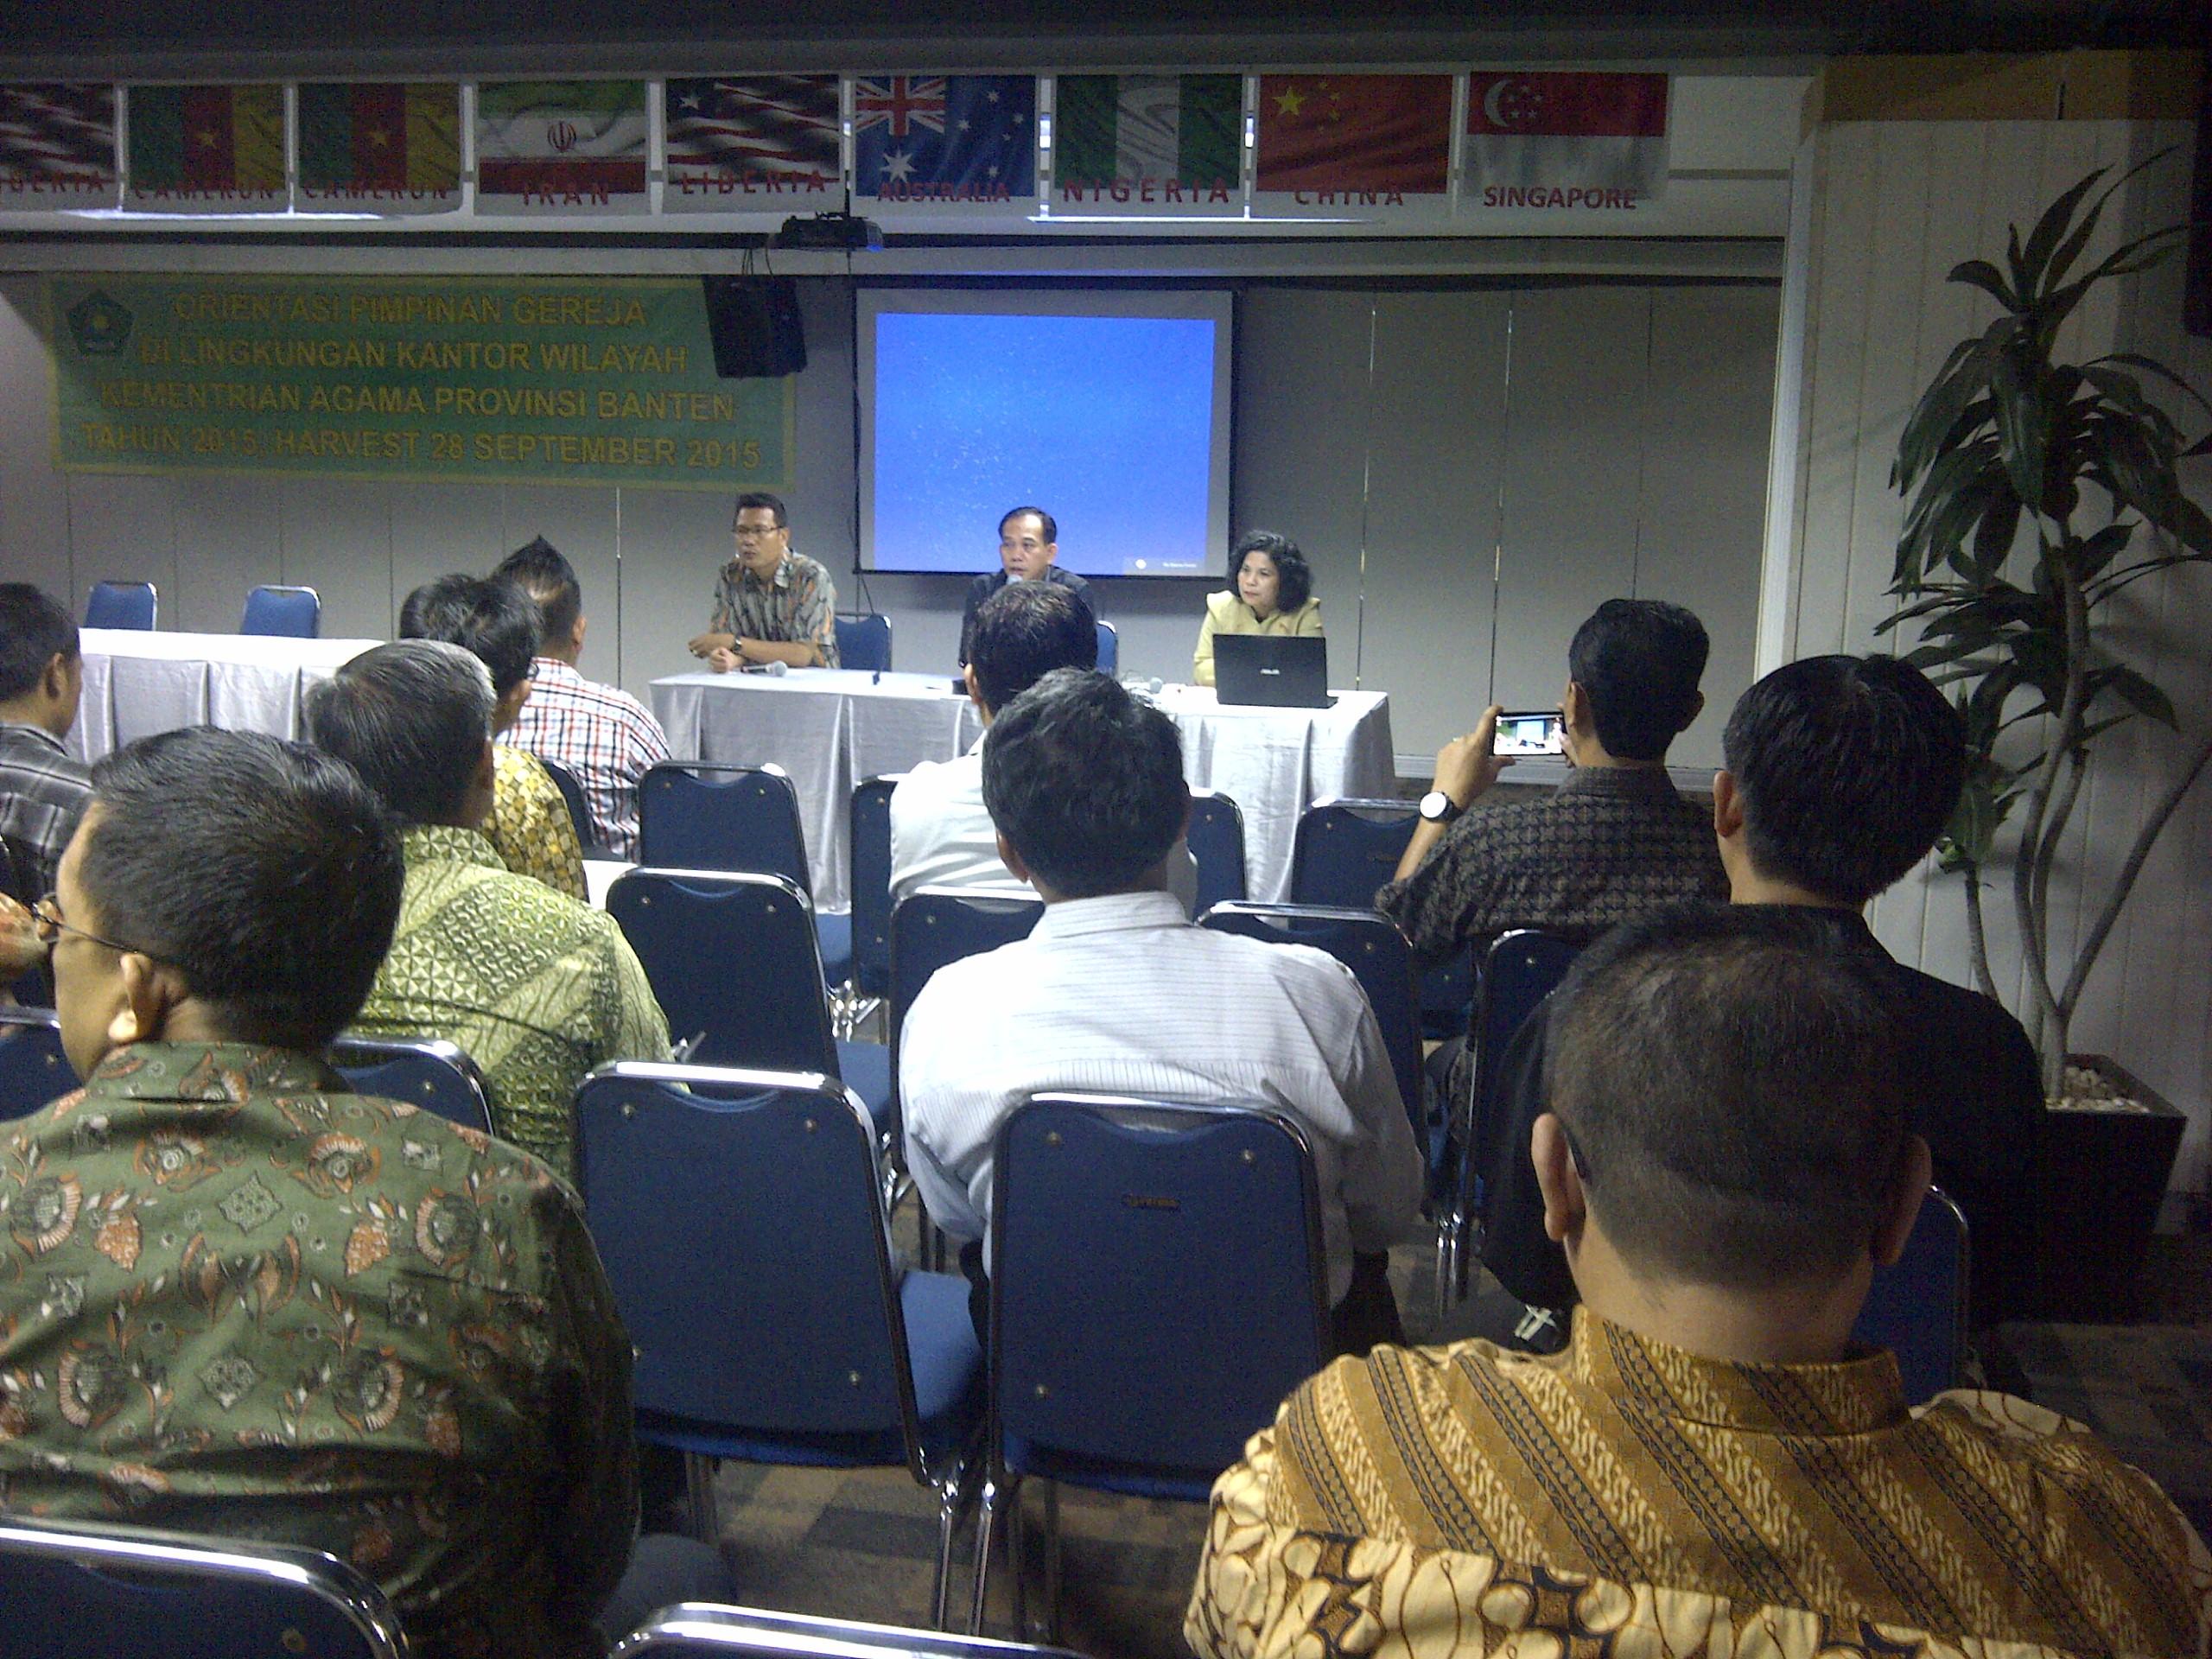 Orientasi Pim.Gereja .Kanwil Kemenag .Prov.Banten .di Gedung World Harvest - Tangerang